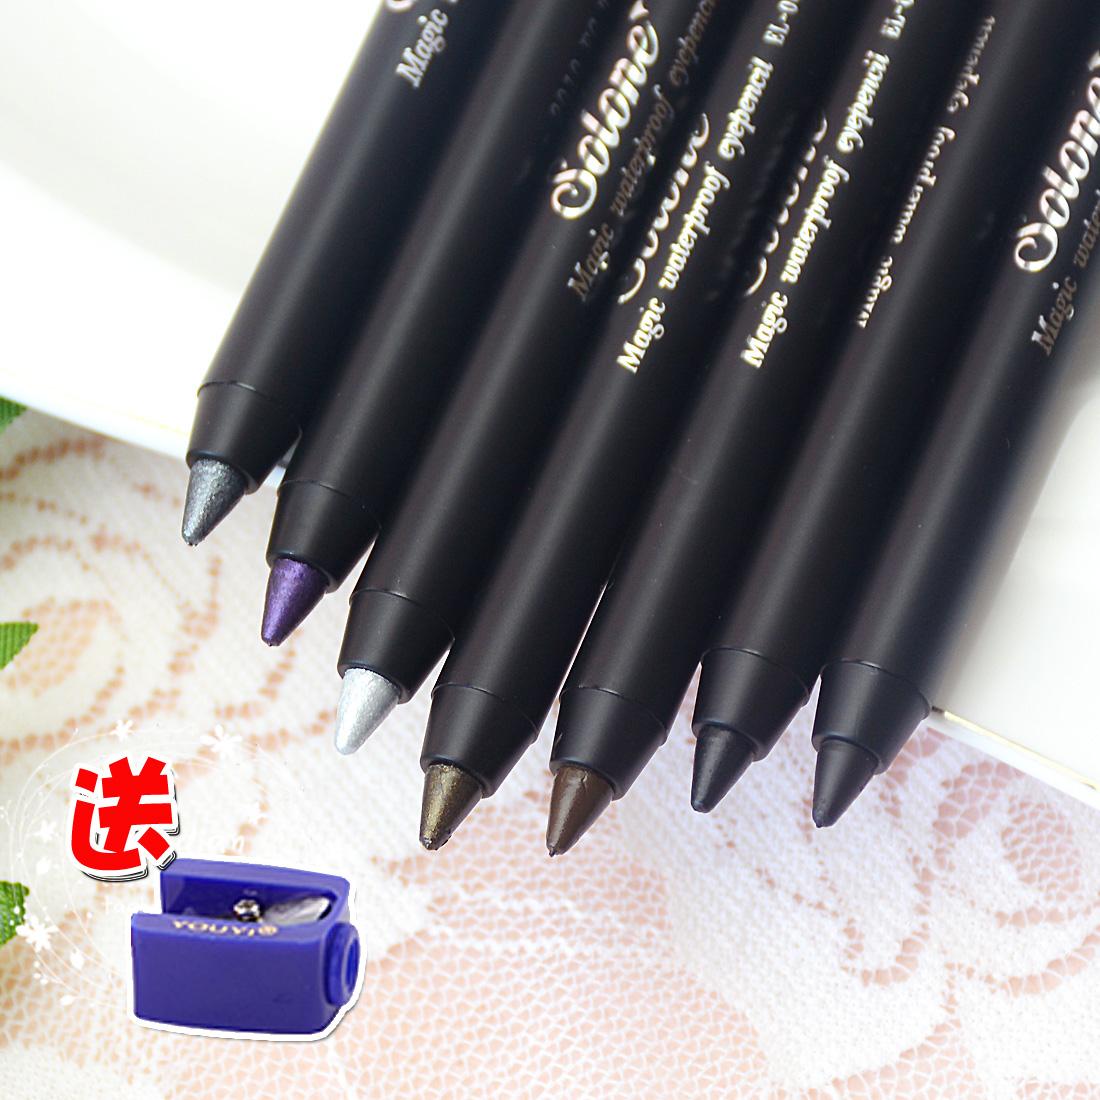 台湾Solone眼线笔 防水防汗眼线胶笔 不易晕染 初学者 多色可选